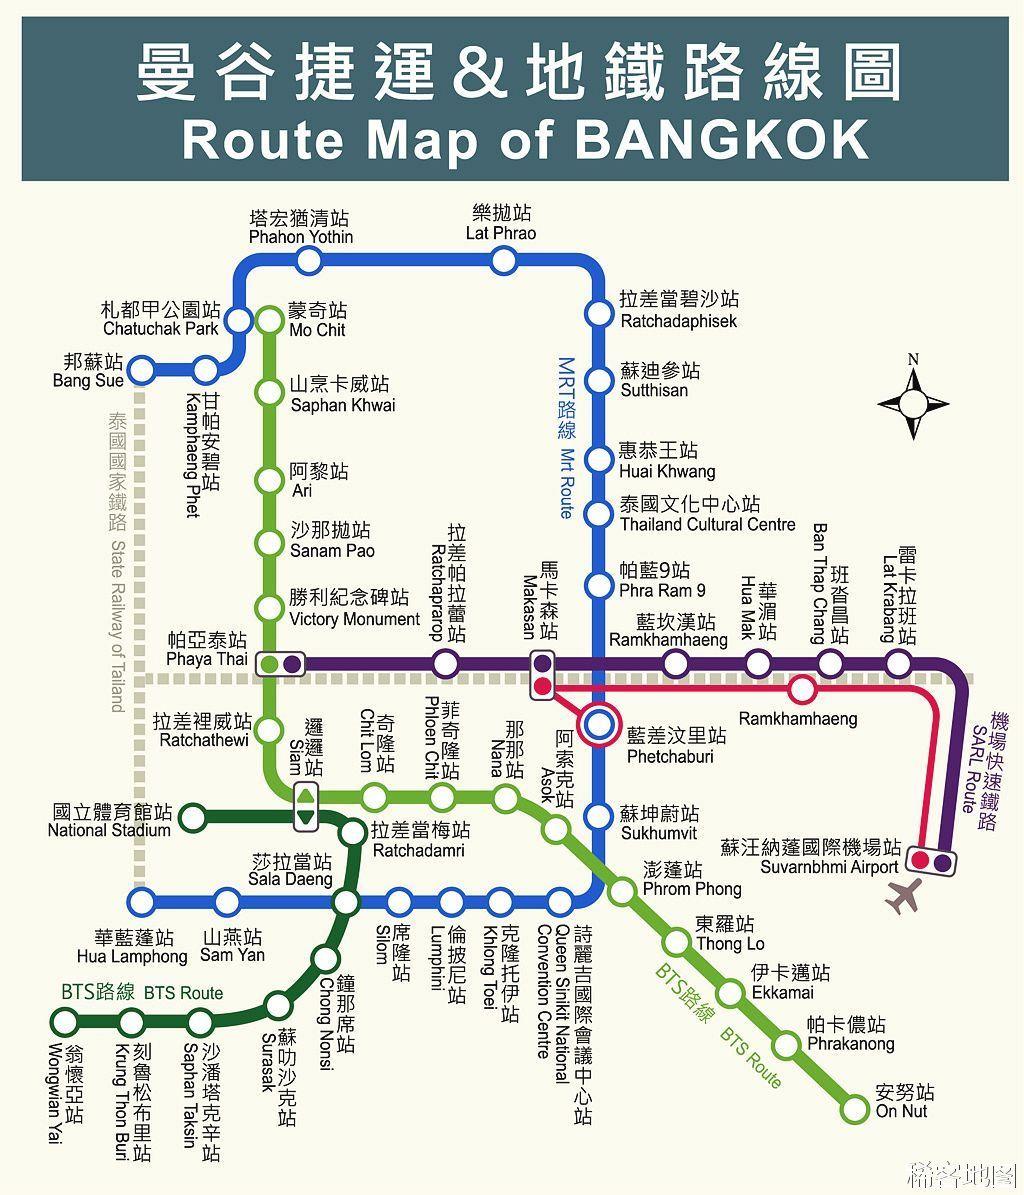 5分鐘搞懂曼谷軌道交通(內含高清曼谷BTS與MRT交通圖)